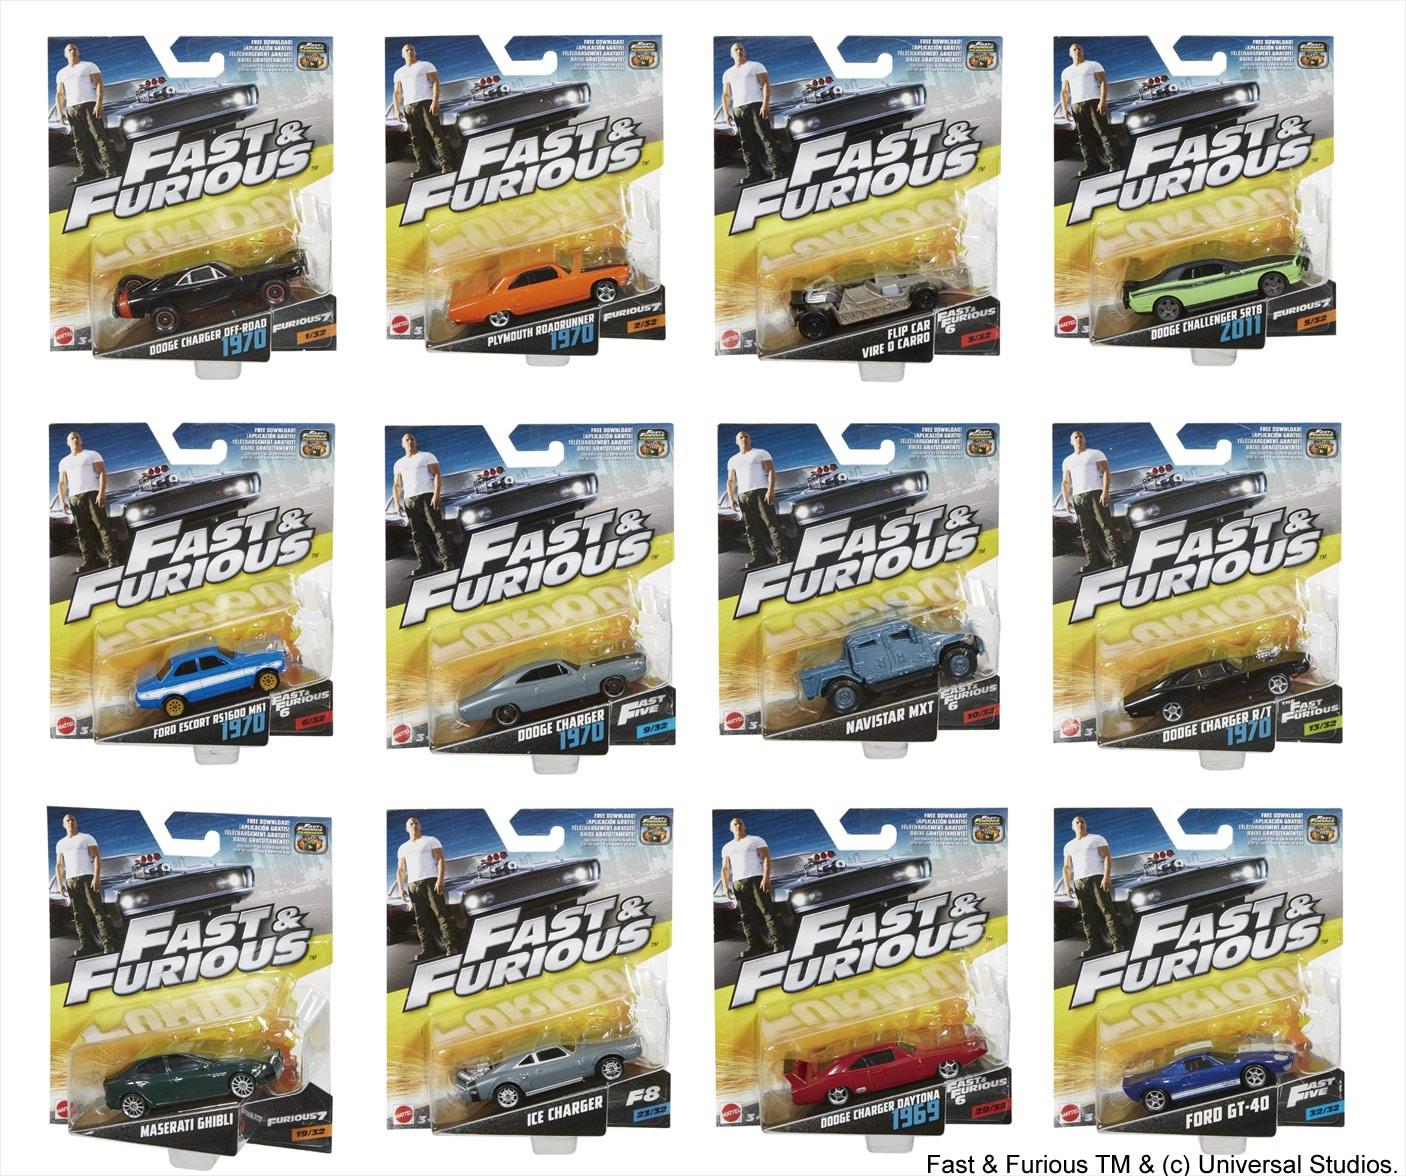 映画『ワイルド・スピード ICE BREAK』 マテル社製1:55スケール ワイルド・スピード ダイジェストカー